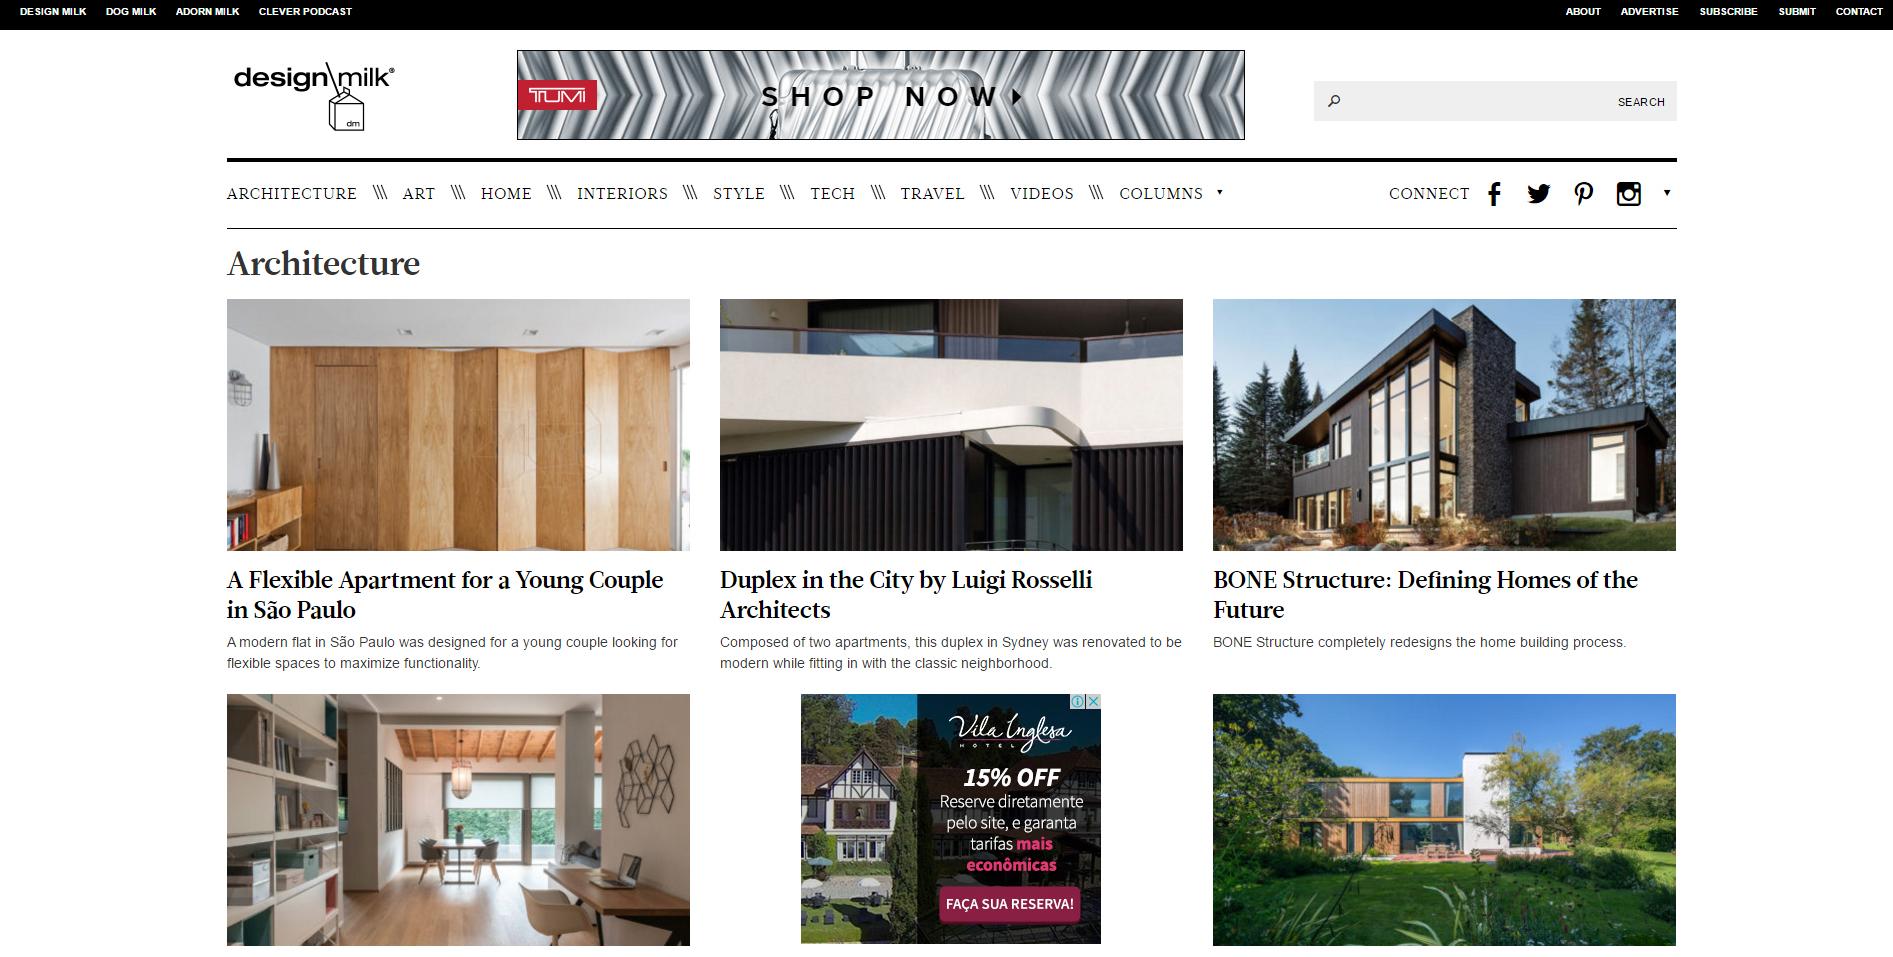 Http://design Milk.com/a Flexible Apartment